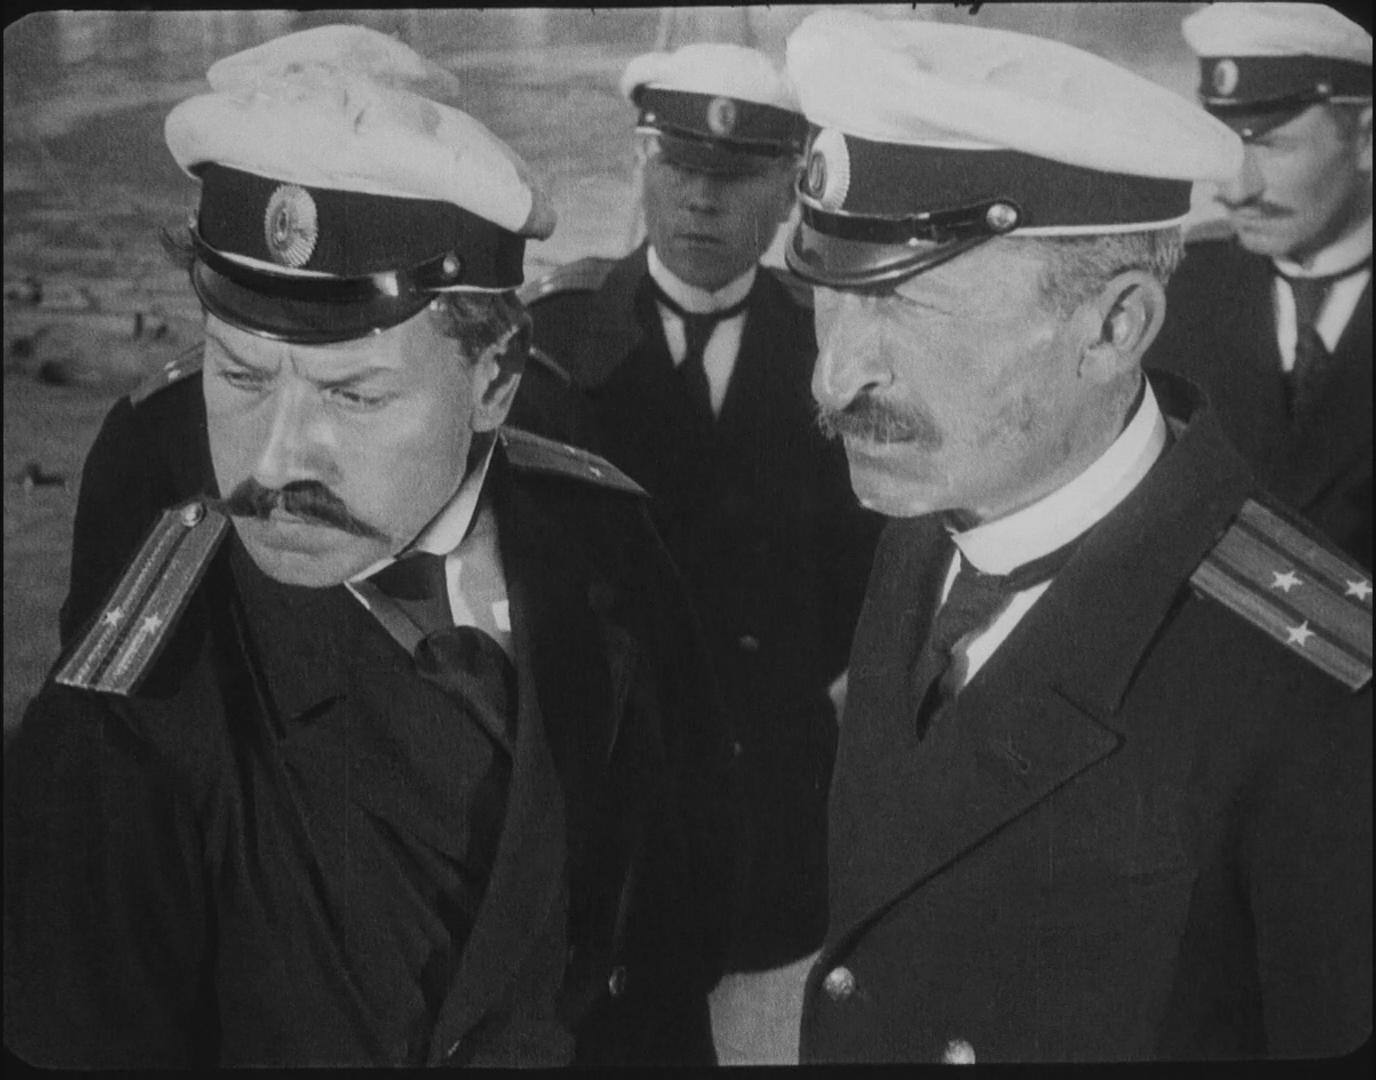 Bronenosets Potyomkin / Броненосец Потёмкин (1925)